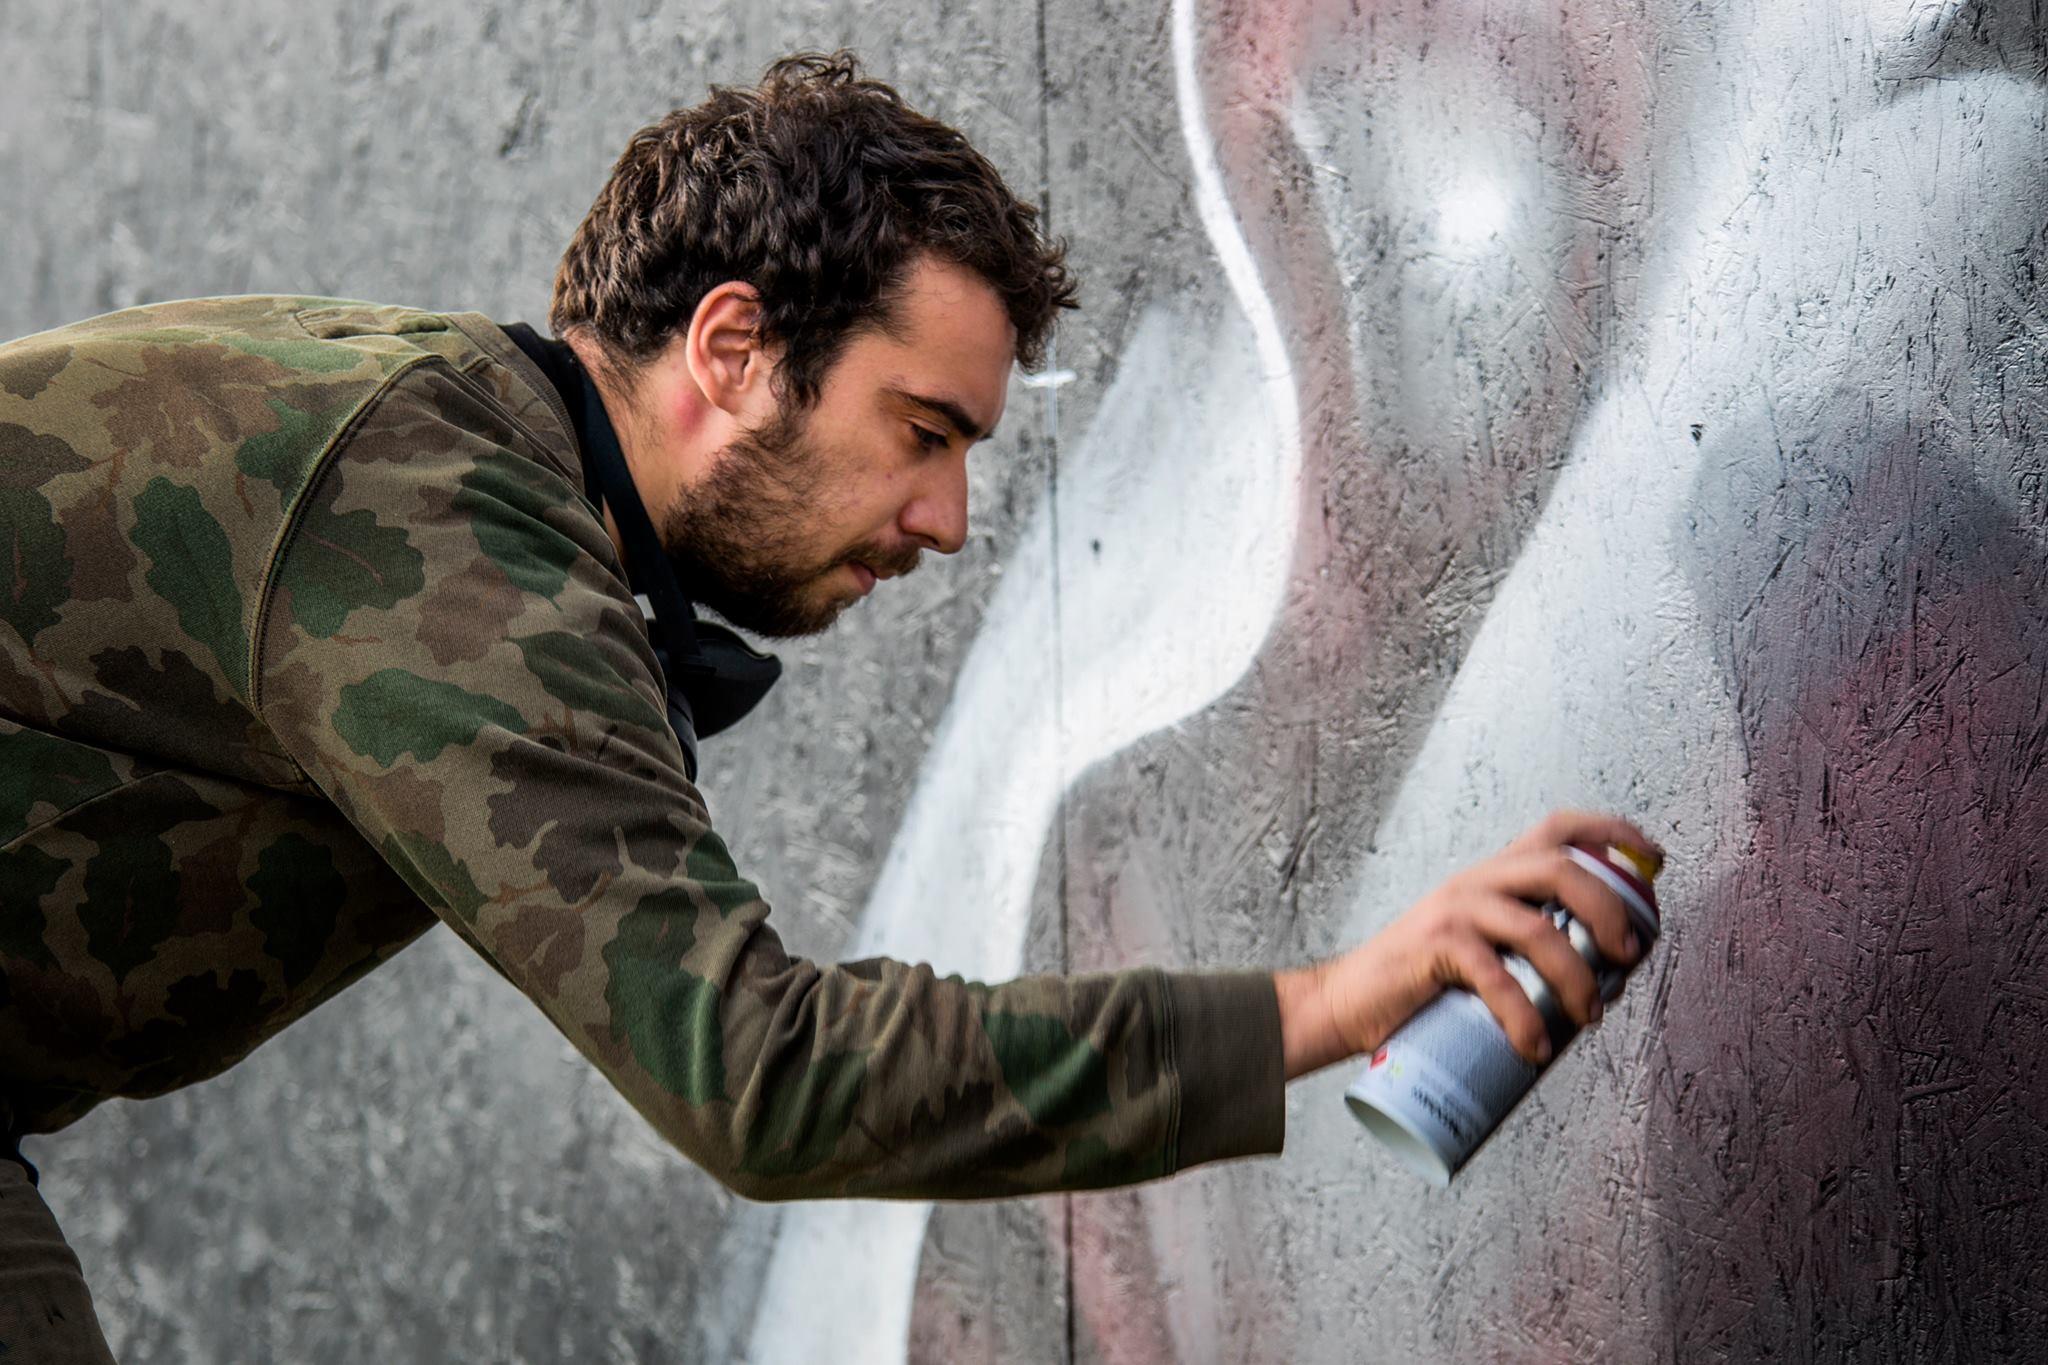 Copy of Street art-kunstner (Galler Grisk)